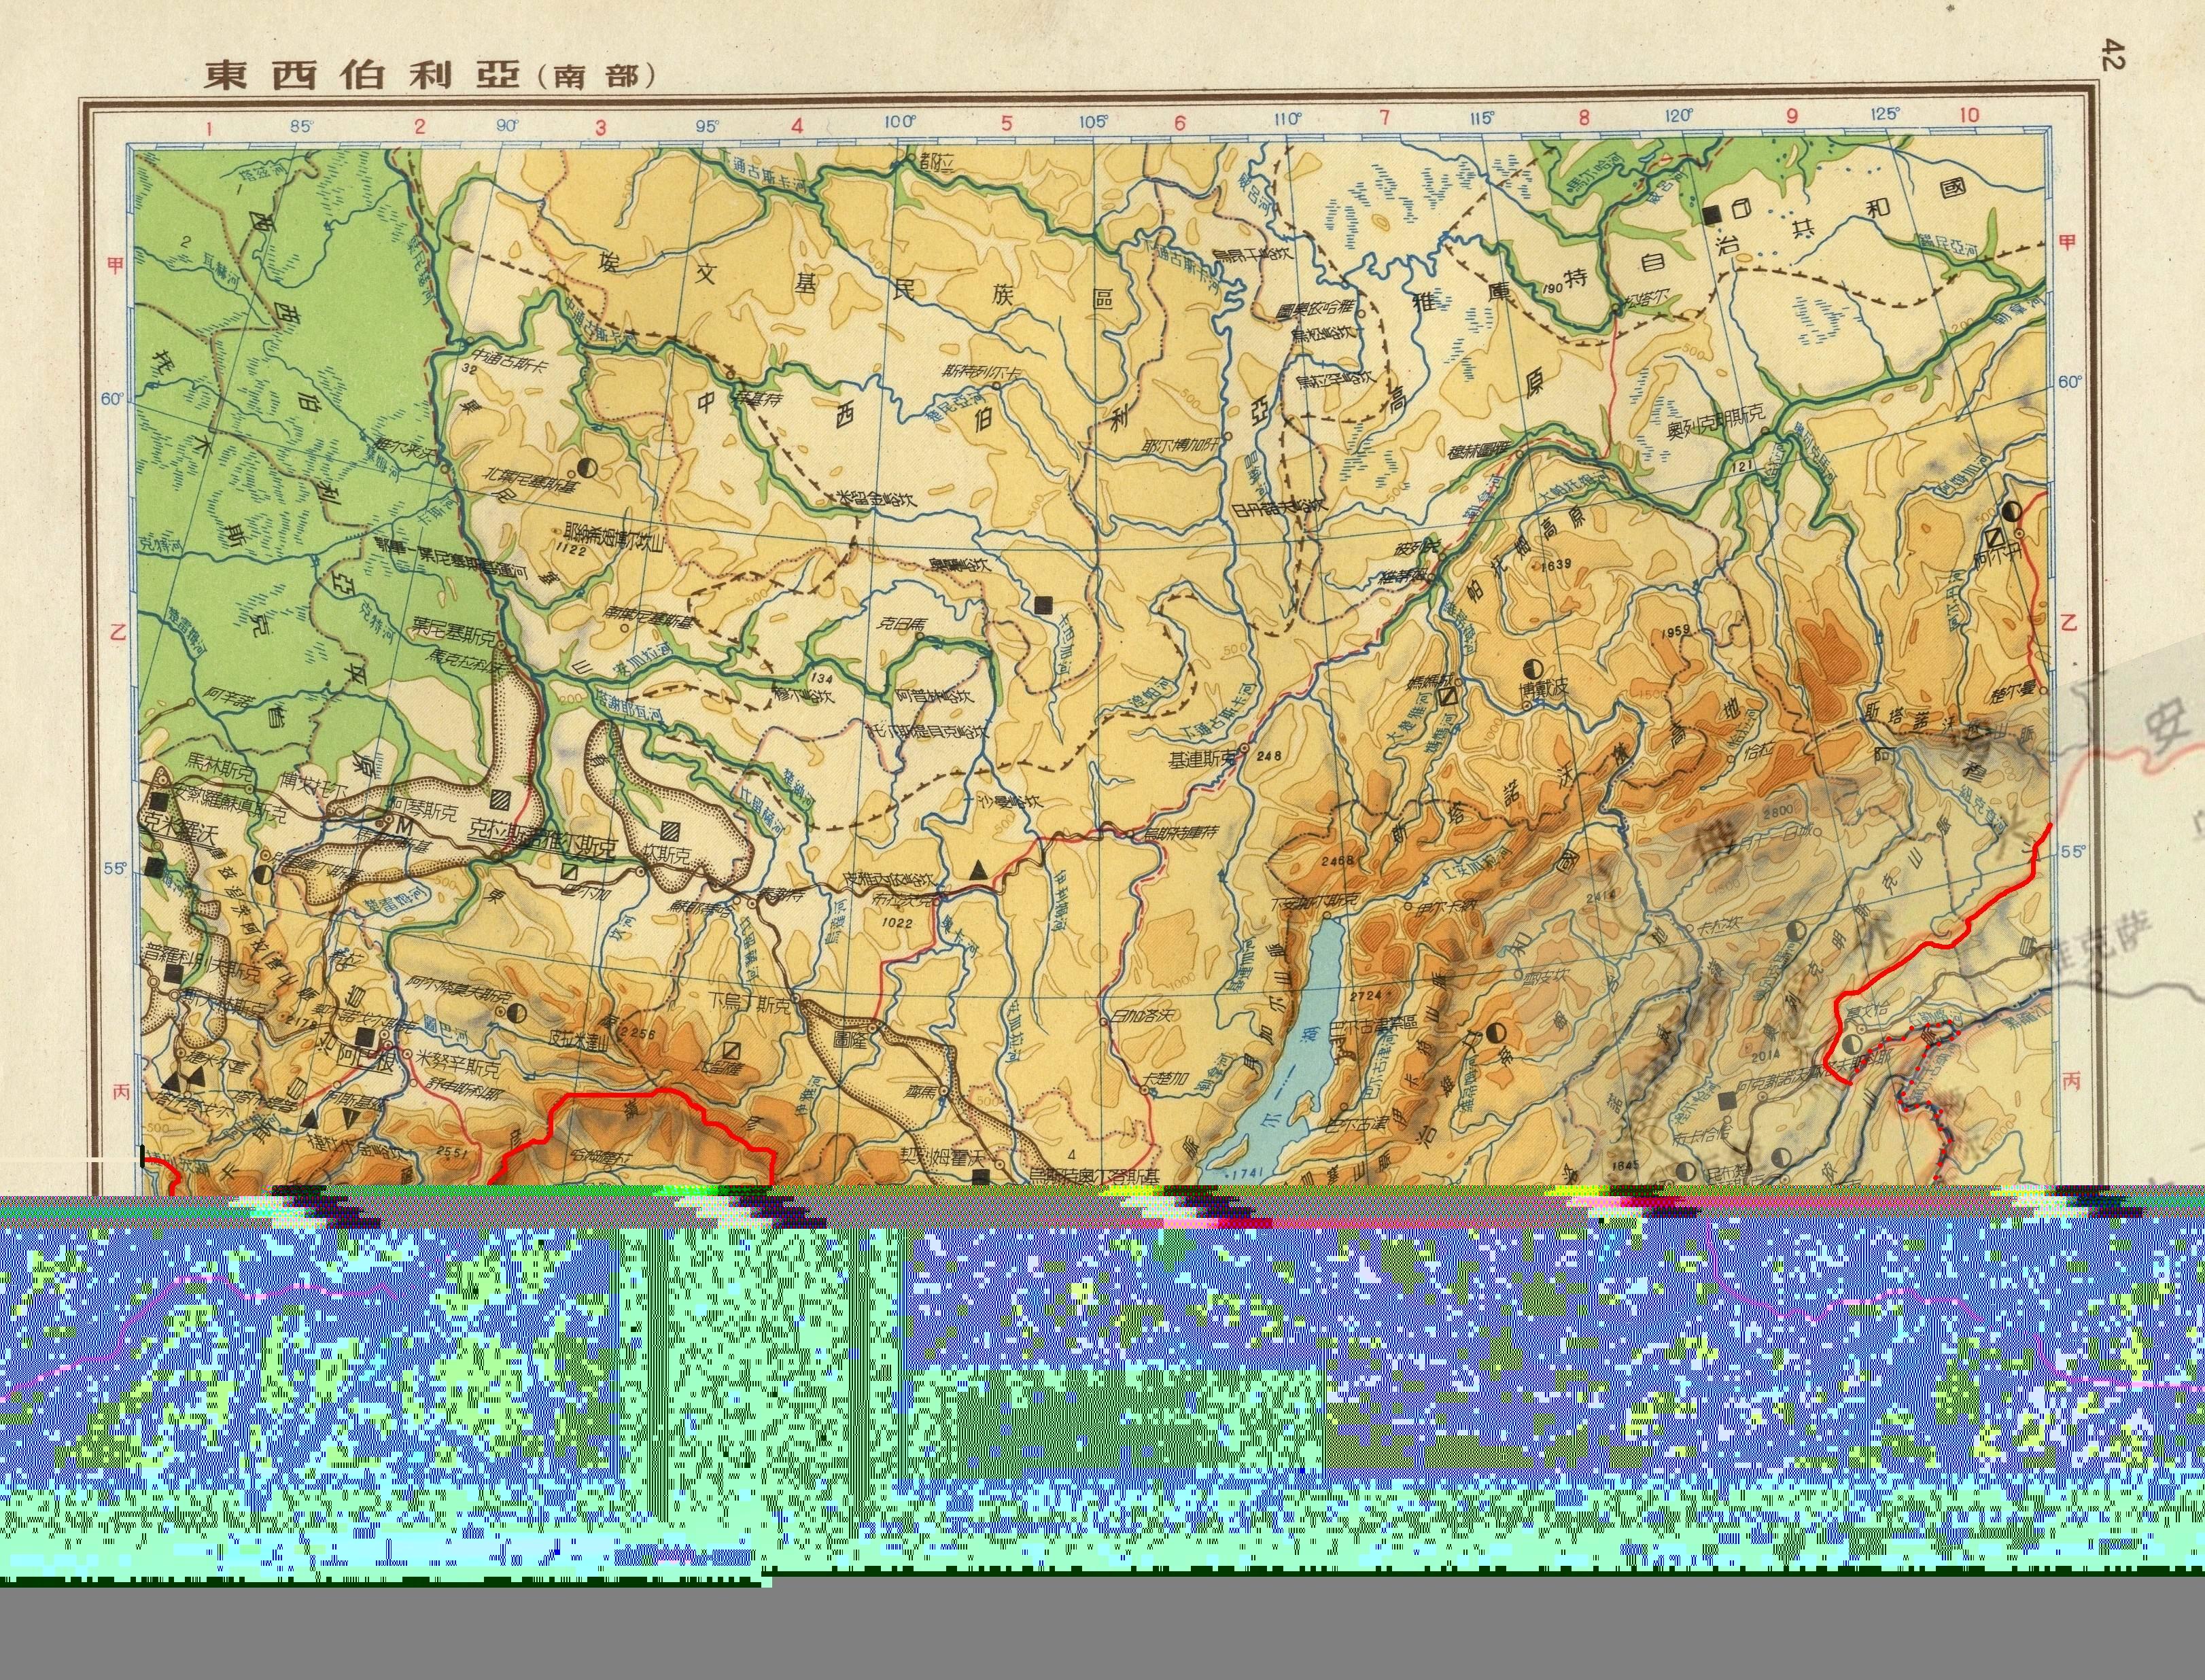 地理论坛 69 地图专区 69 地理茶馆 69 尼布楚条约前后中俄边界